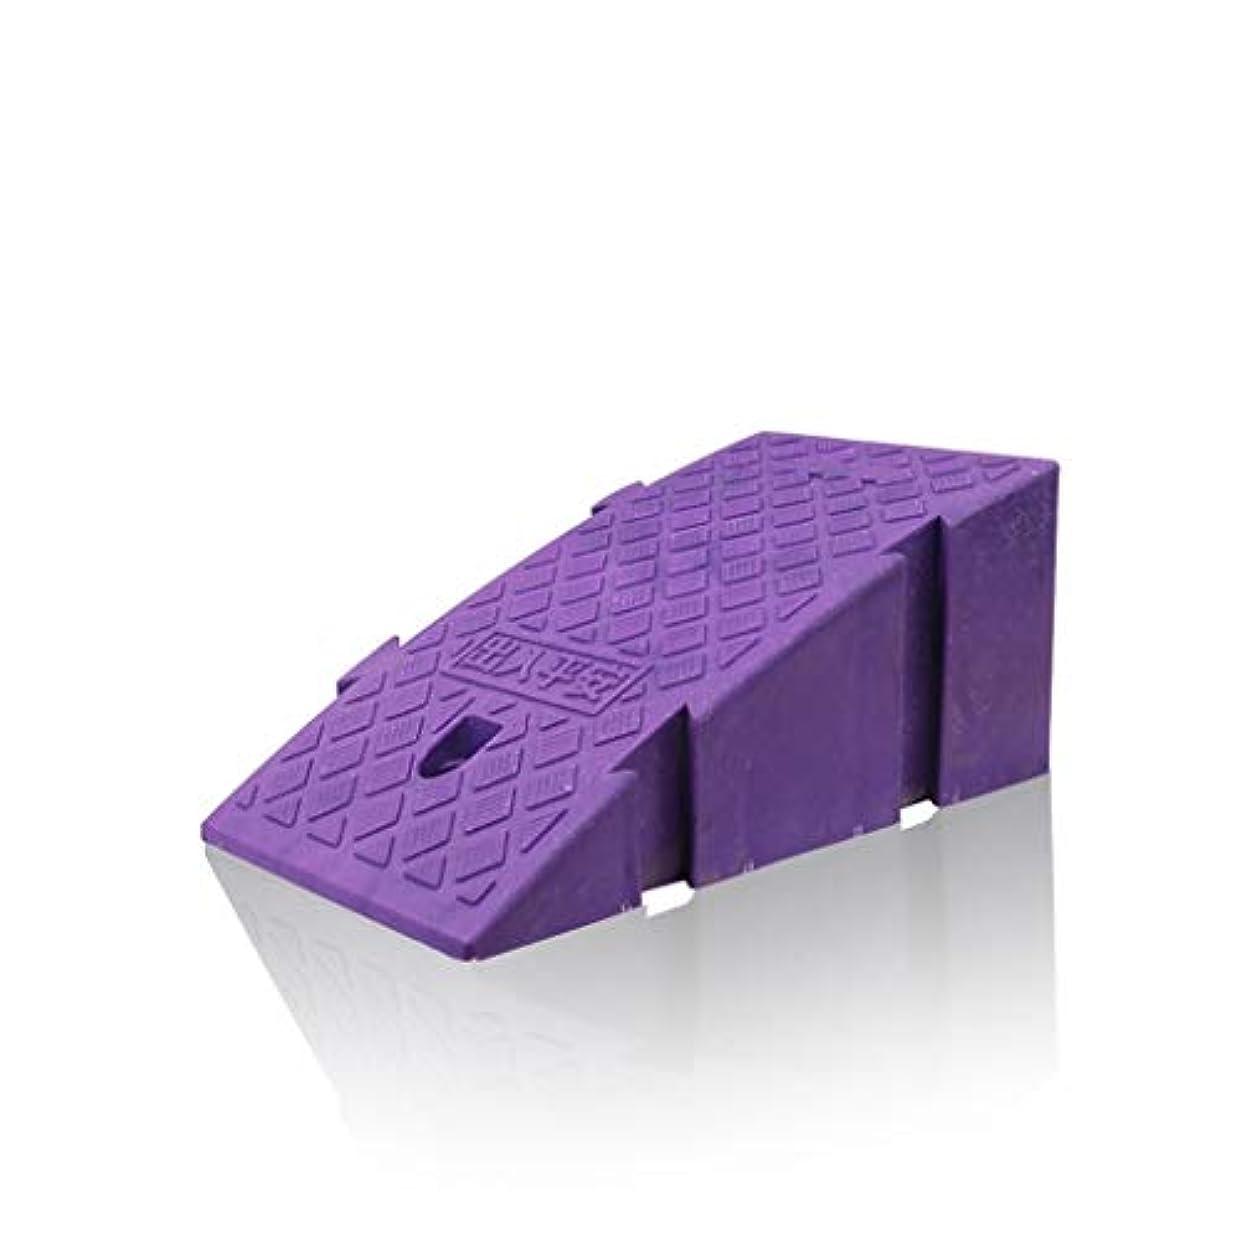 億グリット透けて見えるサービス傾斜路、プラスチックの厚くなった三角形のパッド店スーパーマーケット車椅子傾斜地家のガレージオートバイの傾斜路 (Color : Purple, Size : 25*45*16CM)